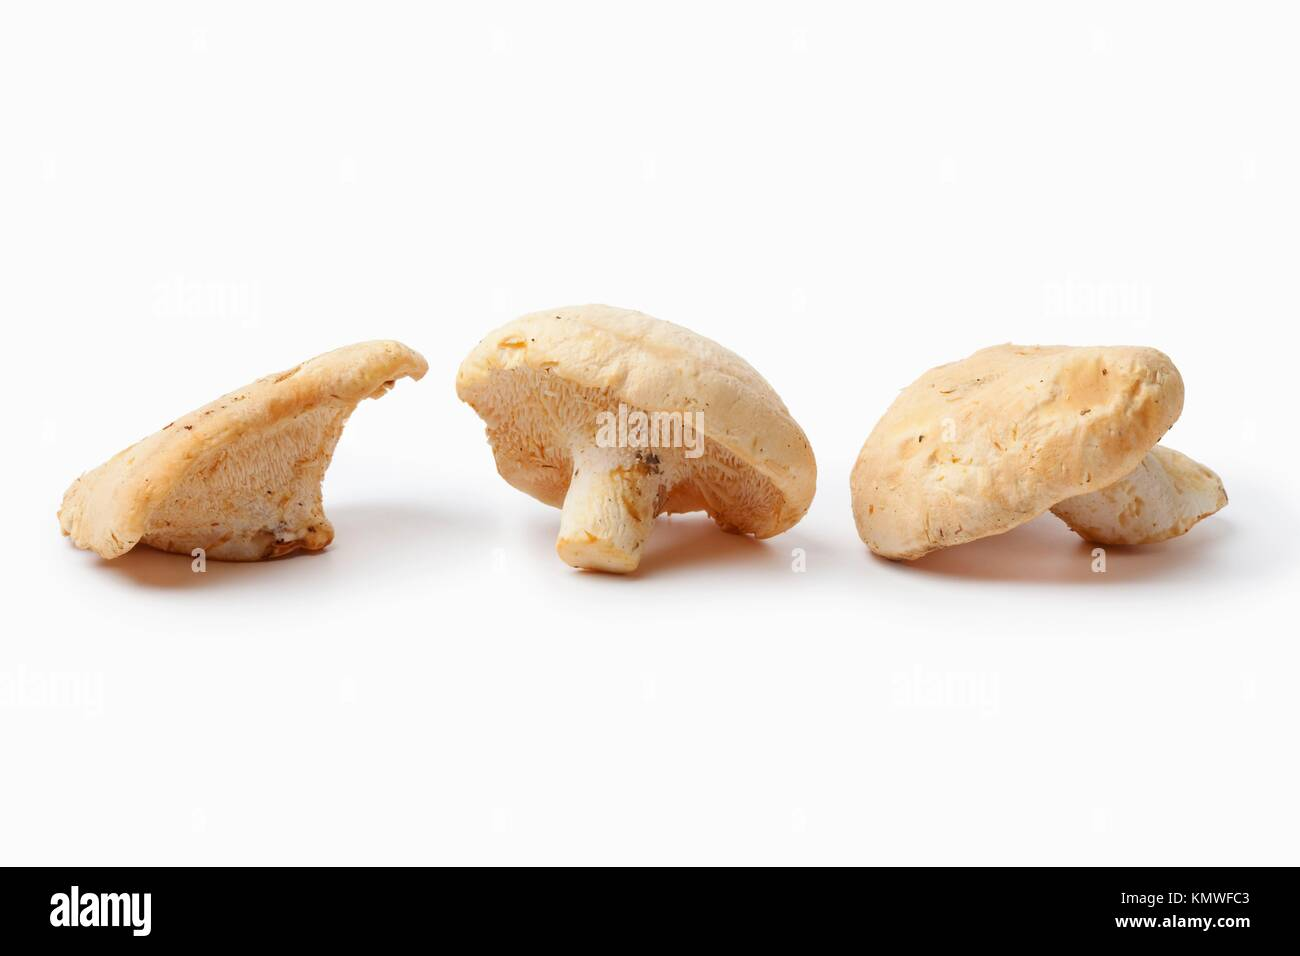 Wood hedgehog mushrooms isolated on white background - Stock Image